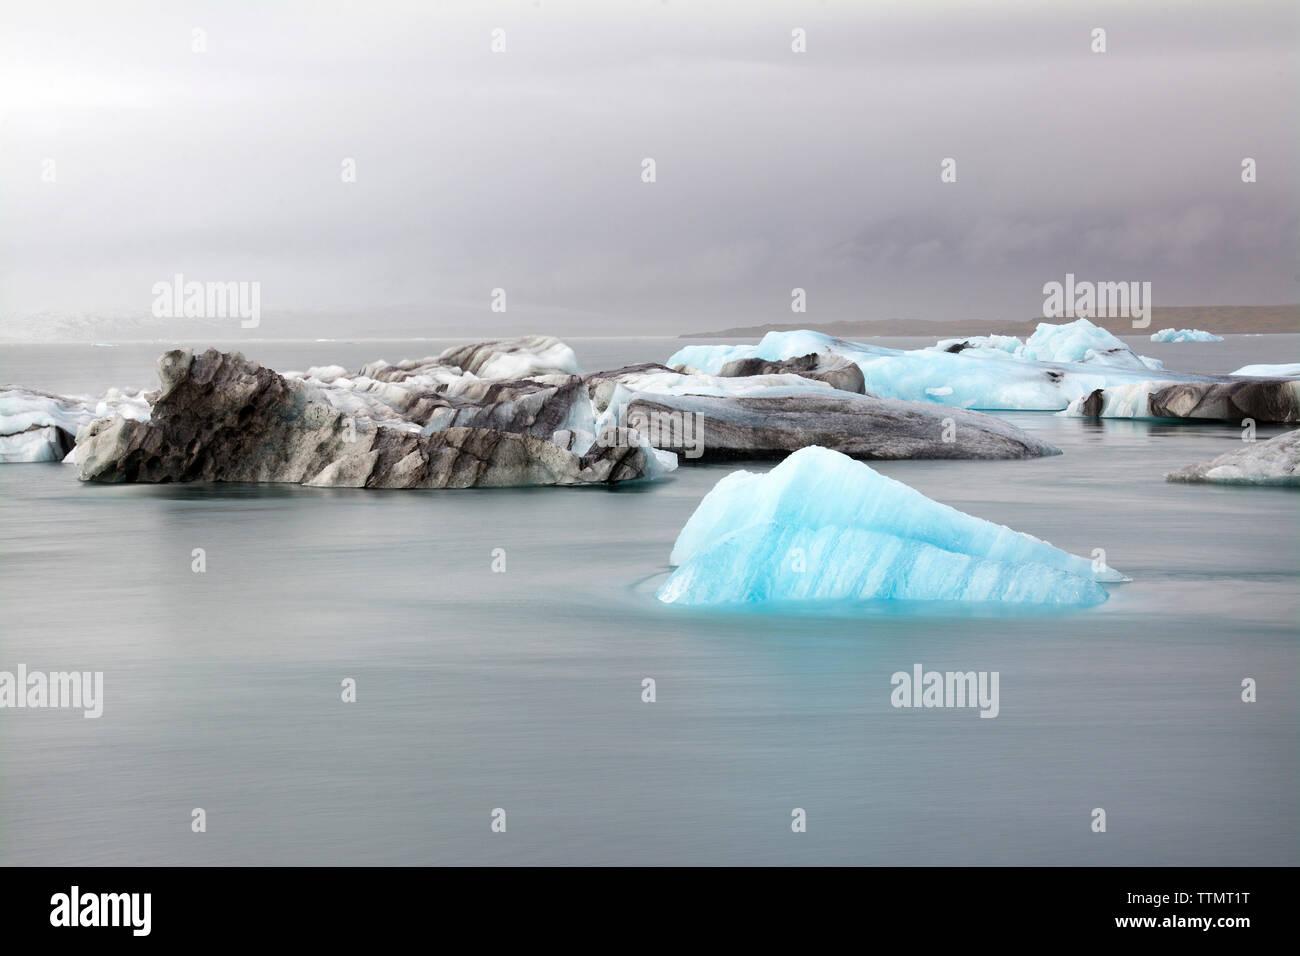 Les glaciers en mer contre ciel nuageux Photo Stock